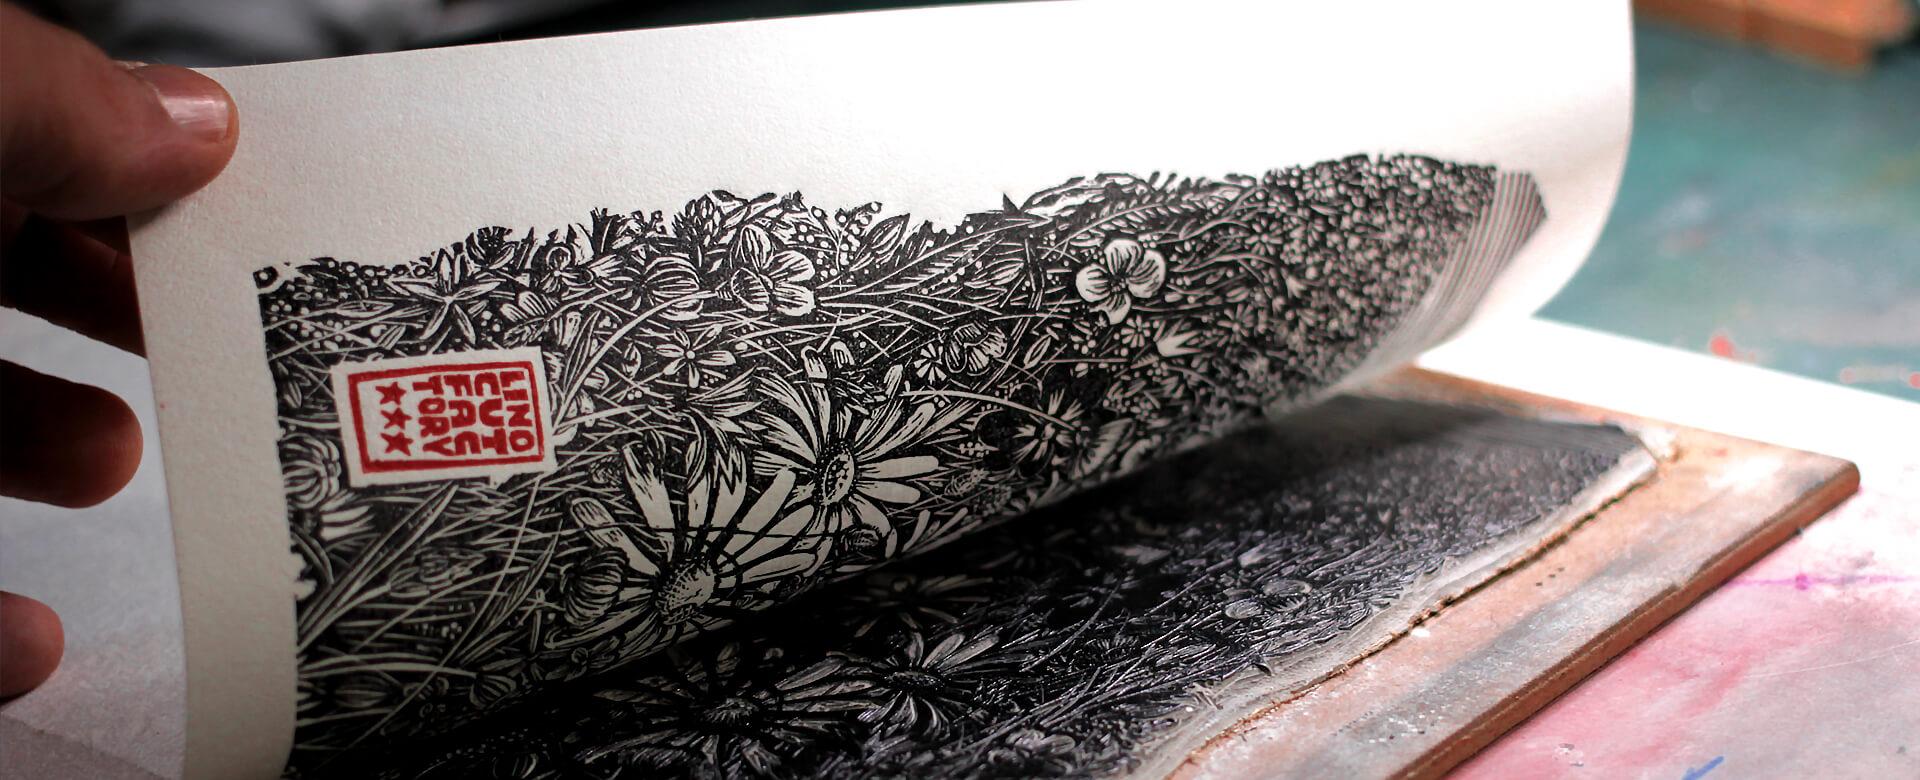 Linocutfactory création graphique en linogravure, atelier mobile de linogravure